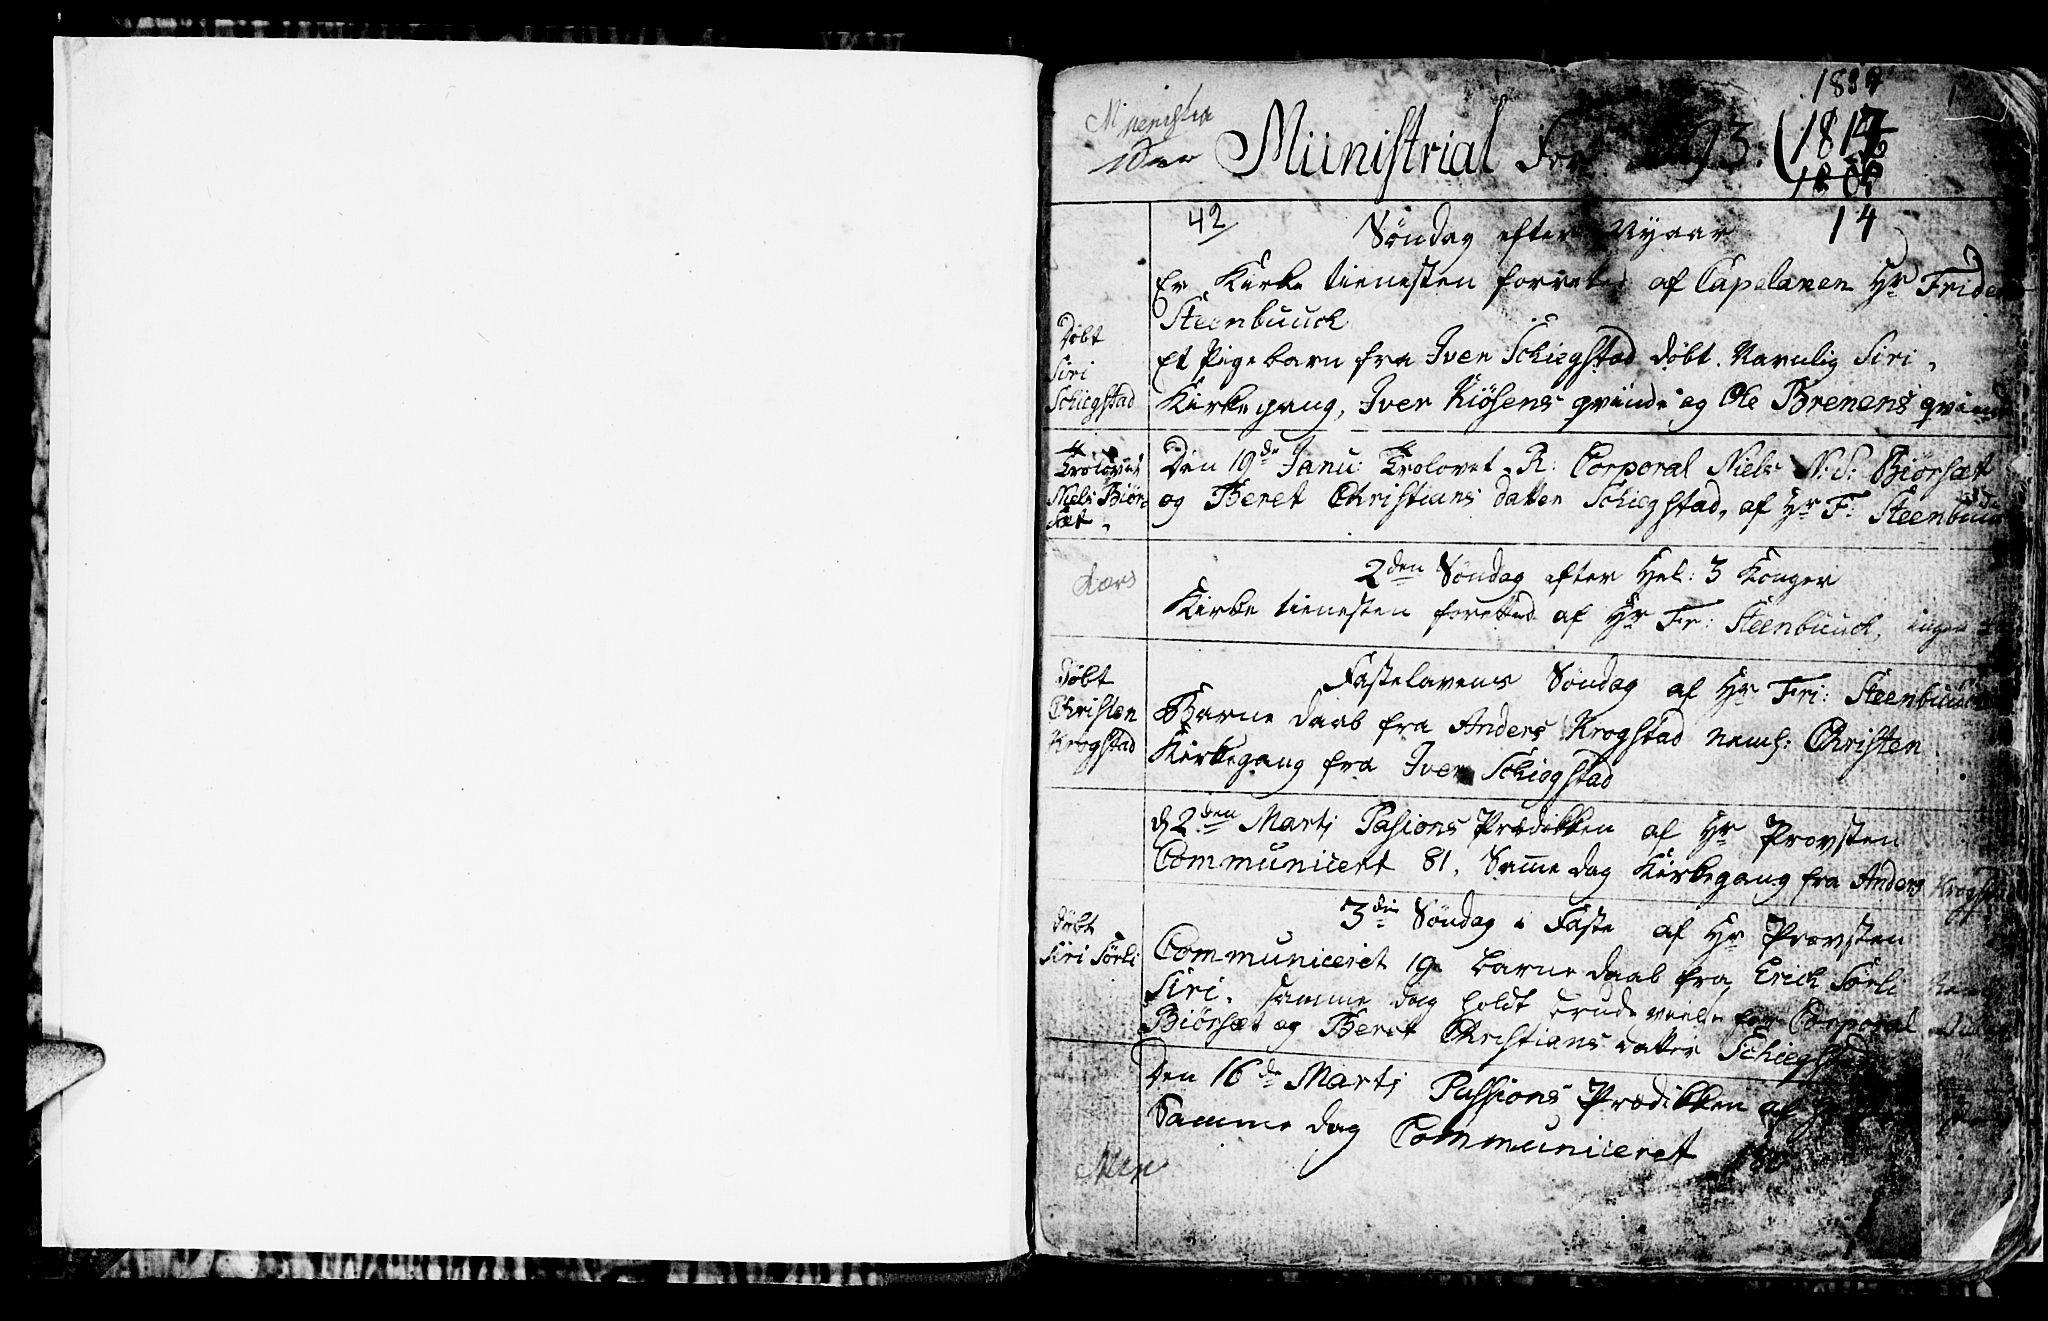 SAT, Ministerialprotokoller, klokkerbøker og fødselsregistre - Sør-Trøndelag, 694/L1129: Klokkerbok nr. 694C01, 1793-1815, s. 1